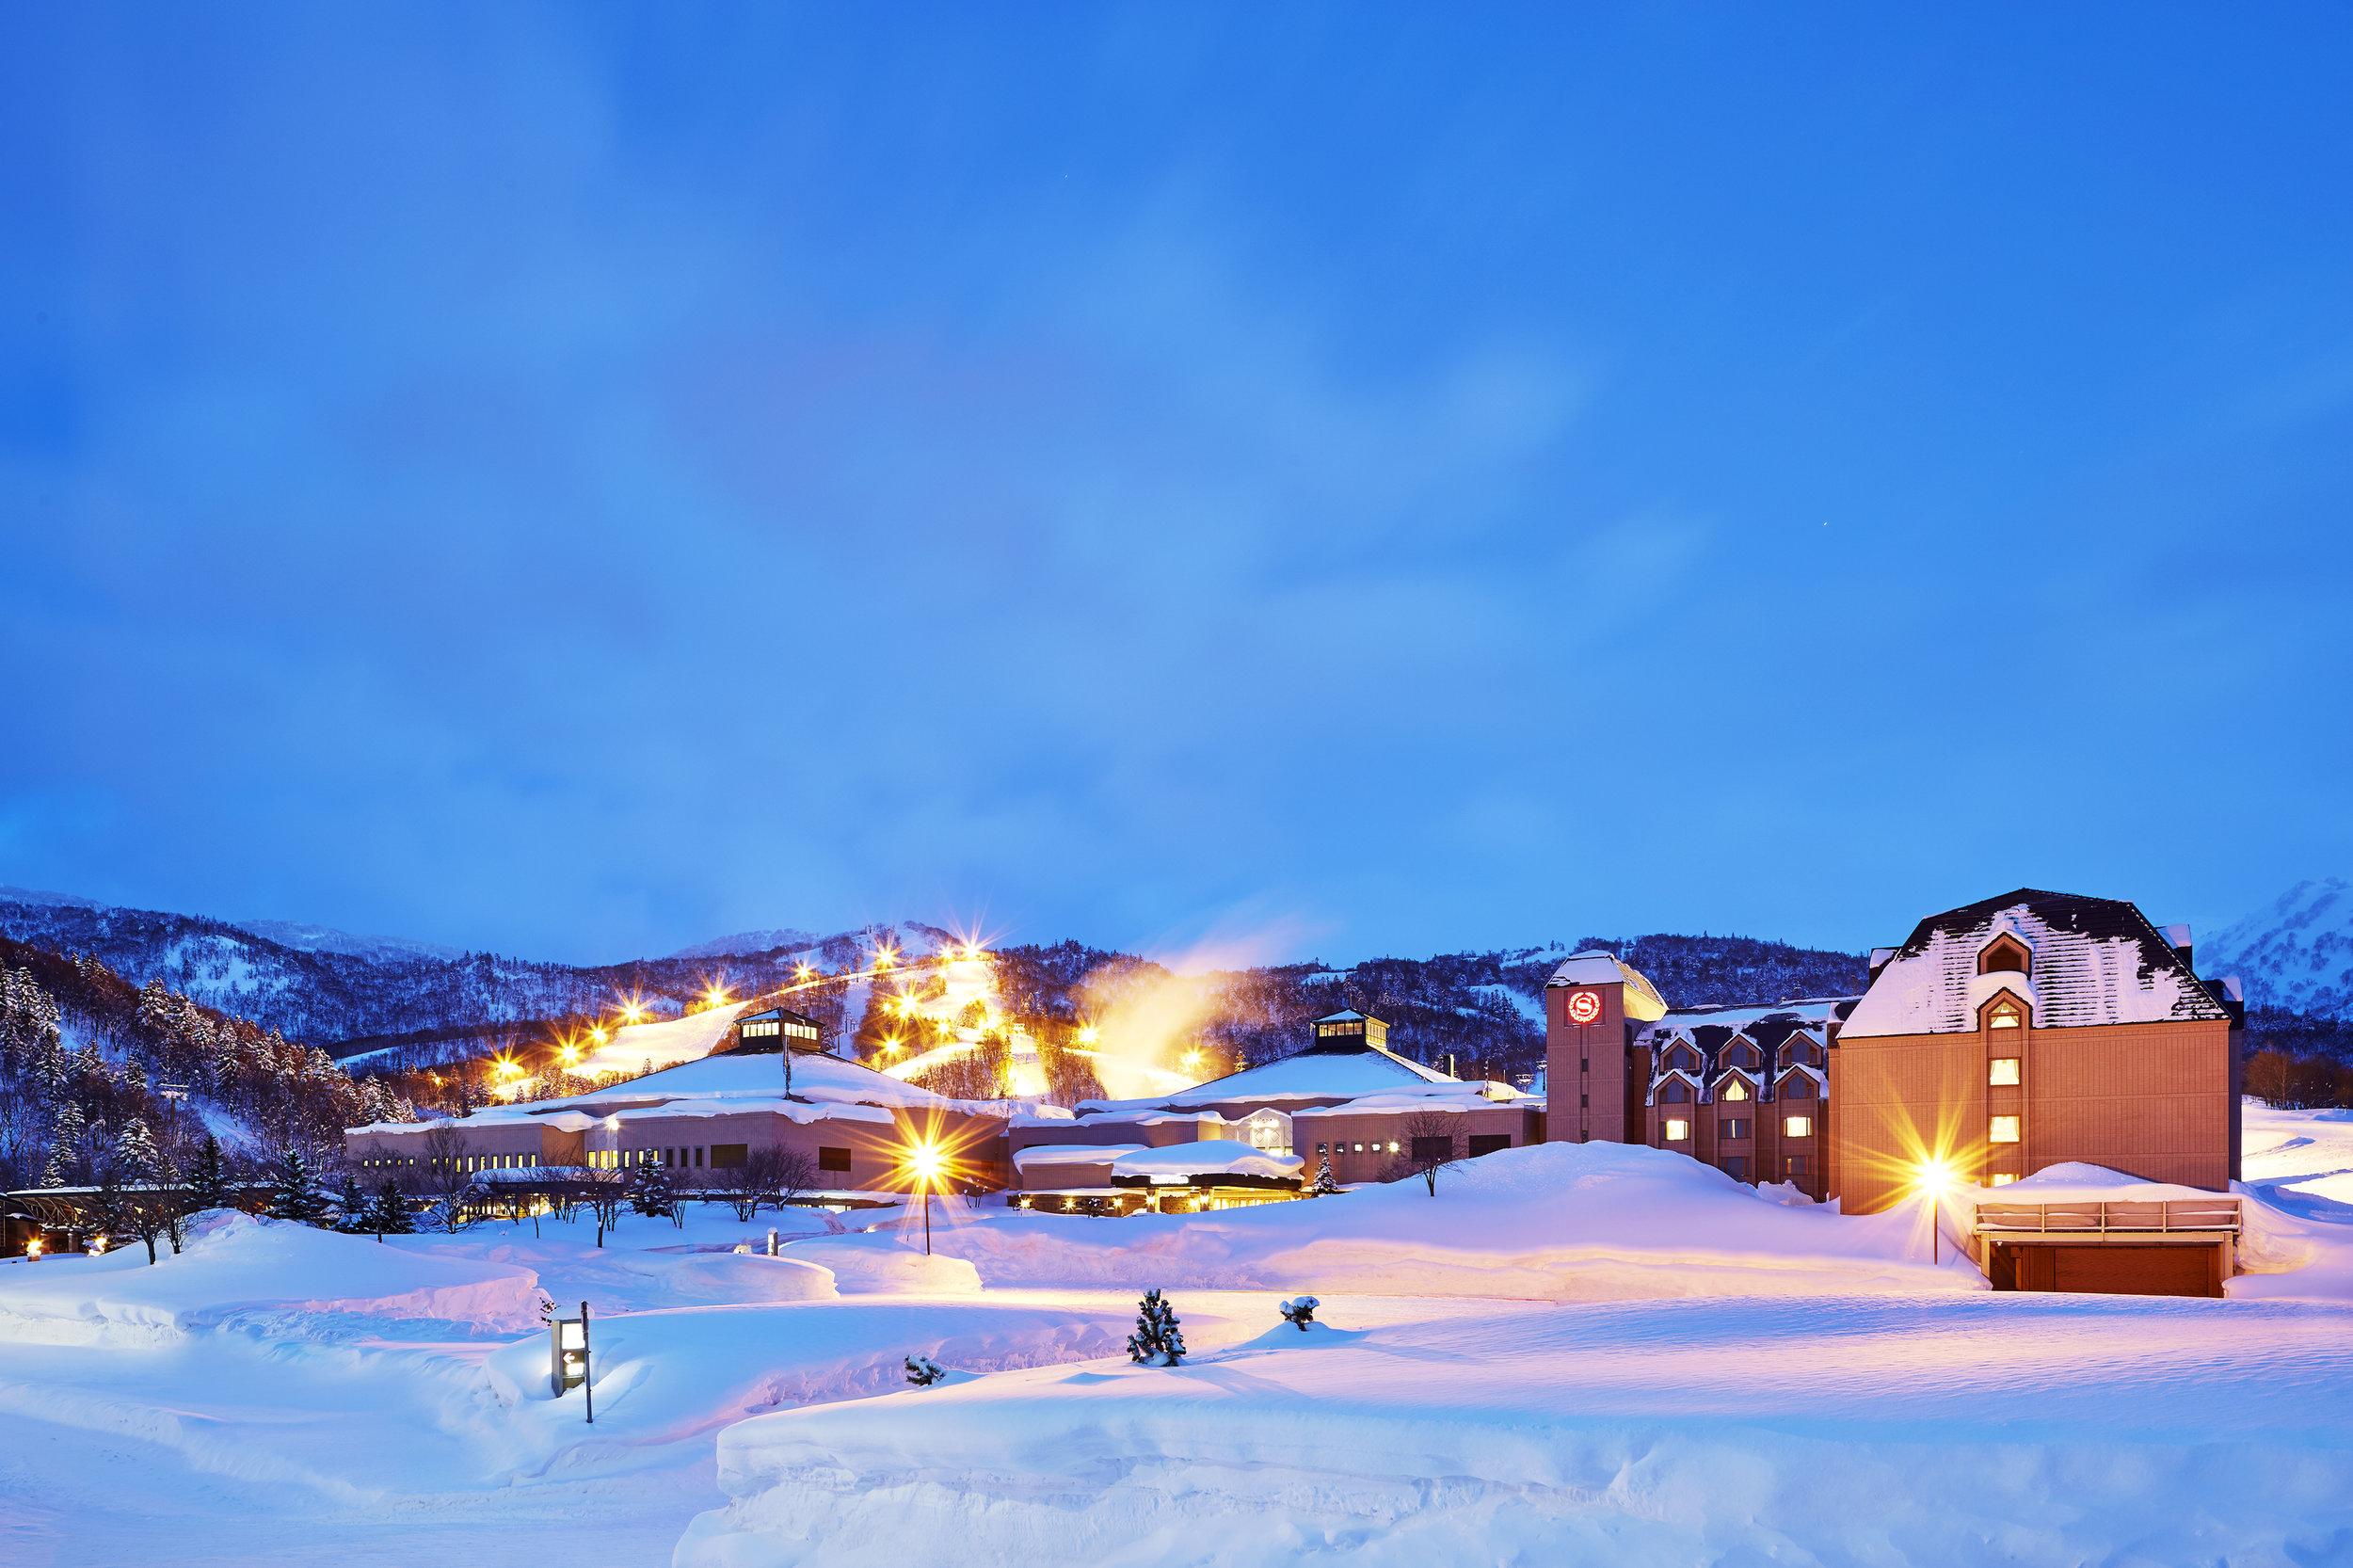 The Sheraton Hokkaido Kiroro